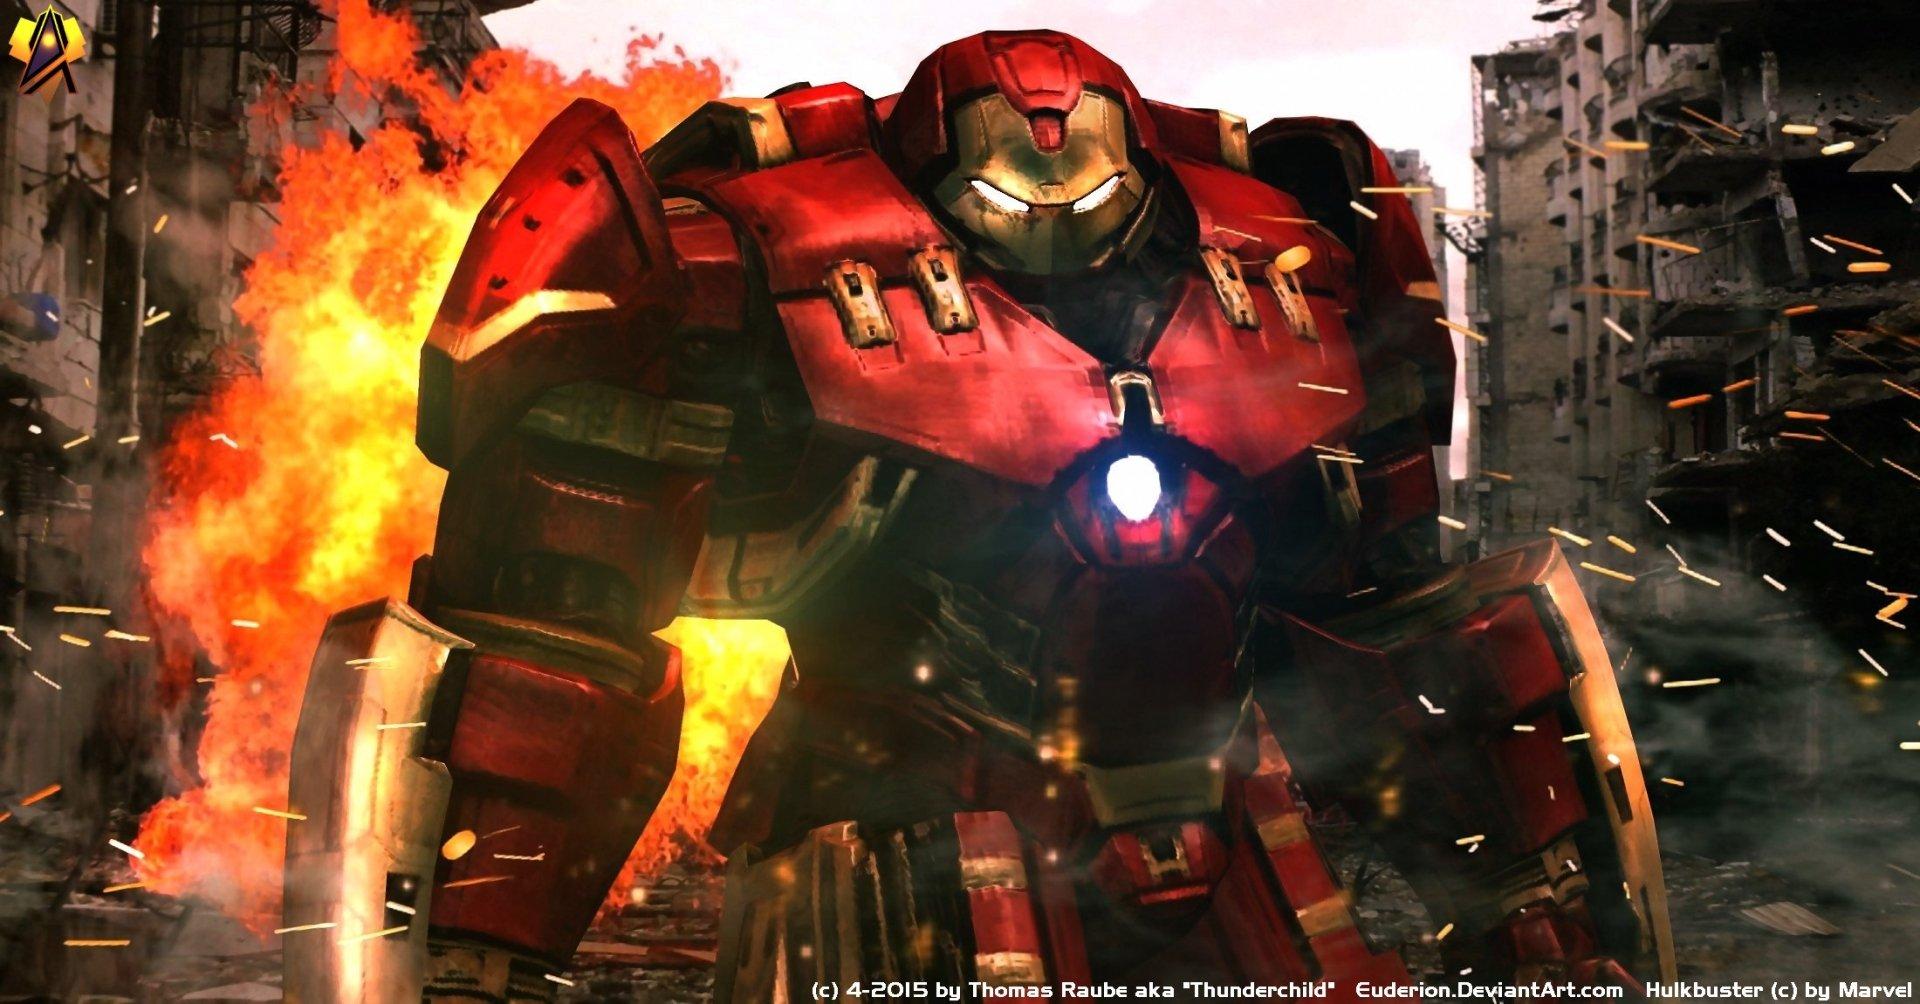 Movie - Avengers: Age of Ultron  Avengers Hulkbuster Armor Wallpaper